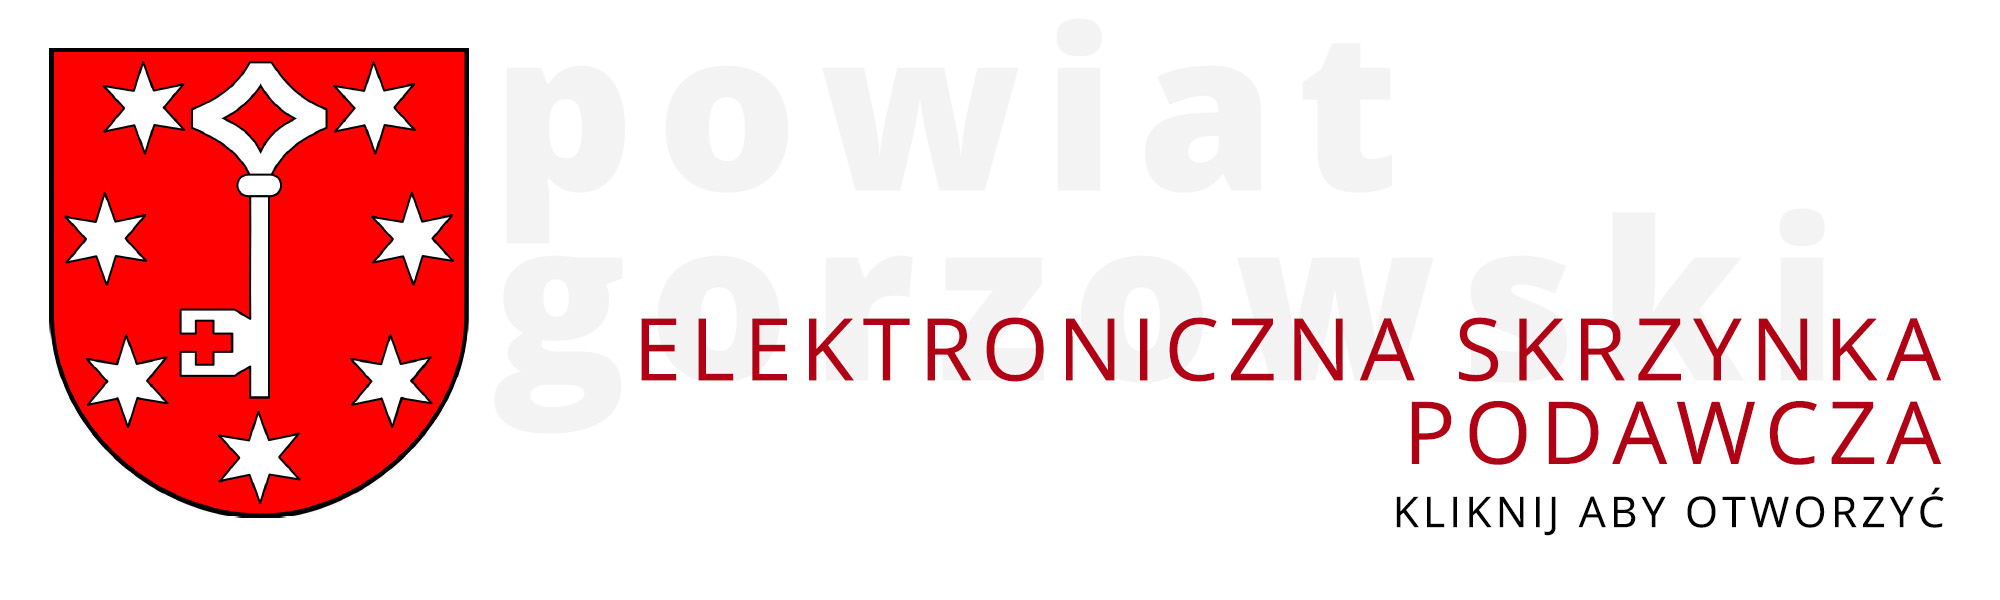 elektroniczna skrzynka podawcza kliknij